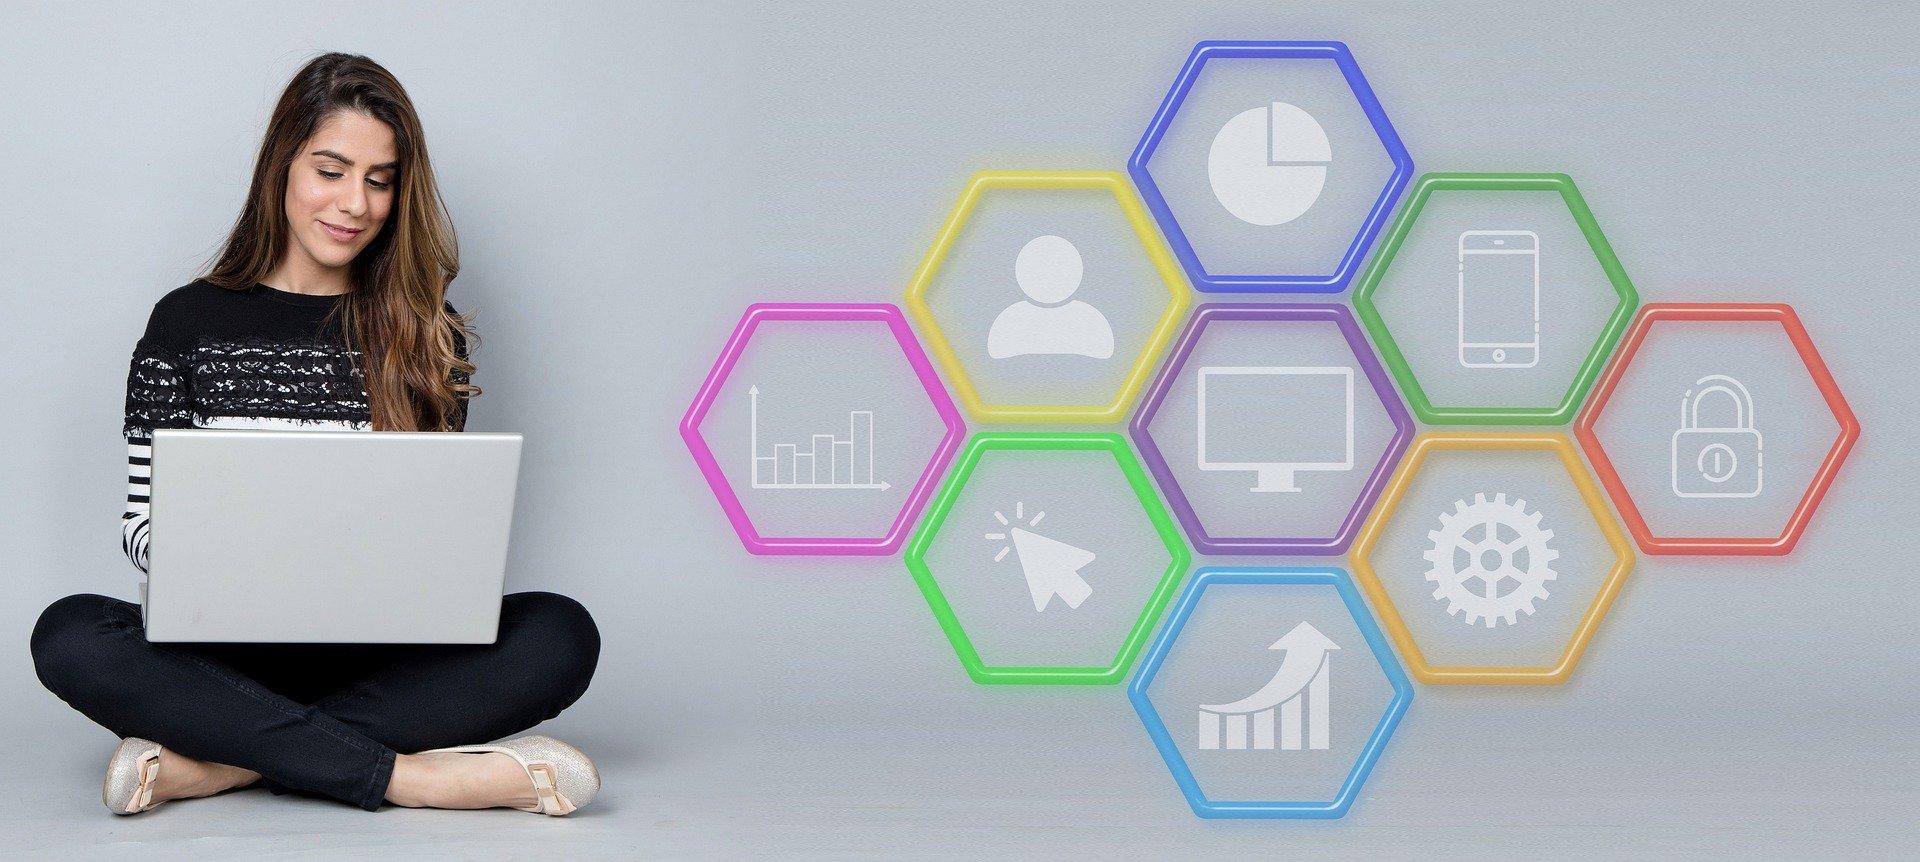 Herramientas imprescindibles que debes conocer para planificar y gestionar tus proyectos de marketing